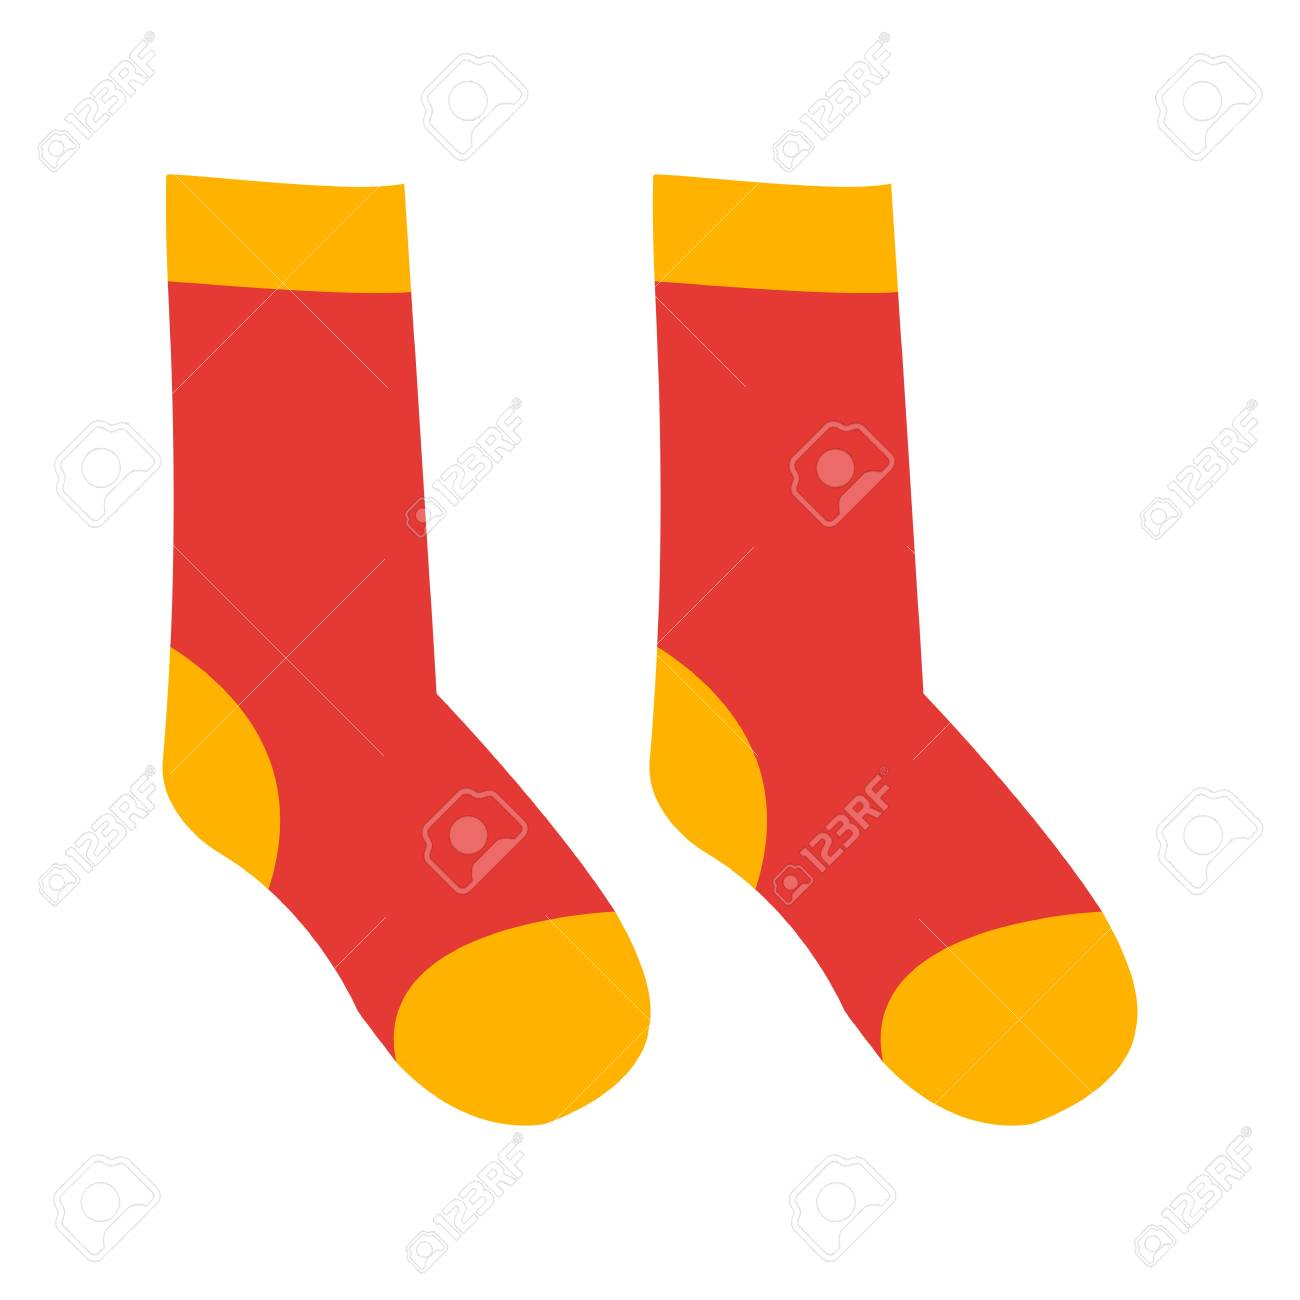 Wool socks vector illustration - 94440783